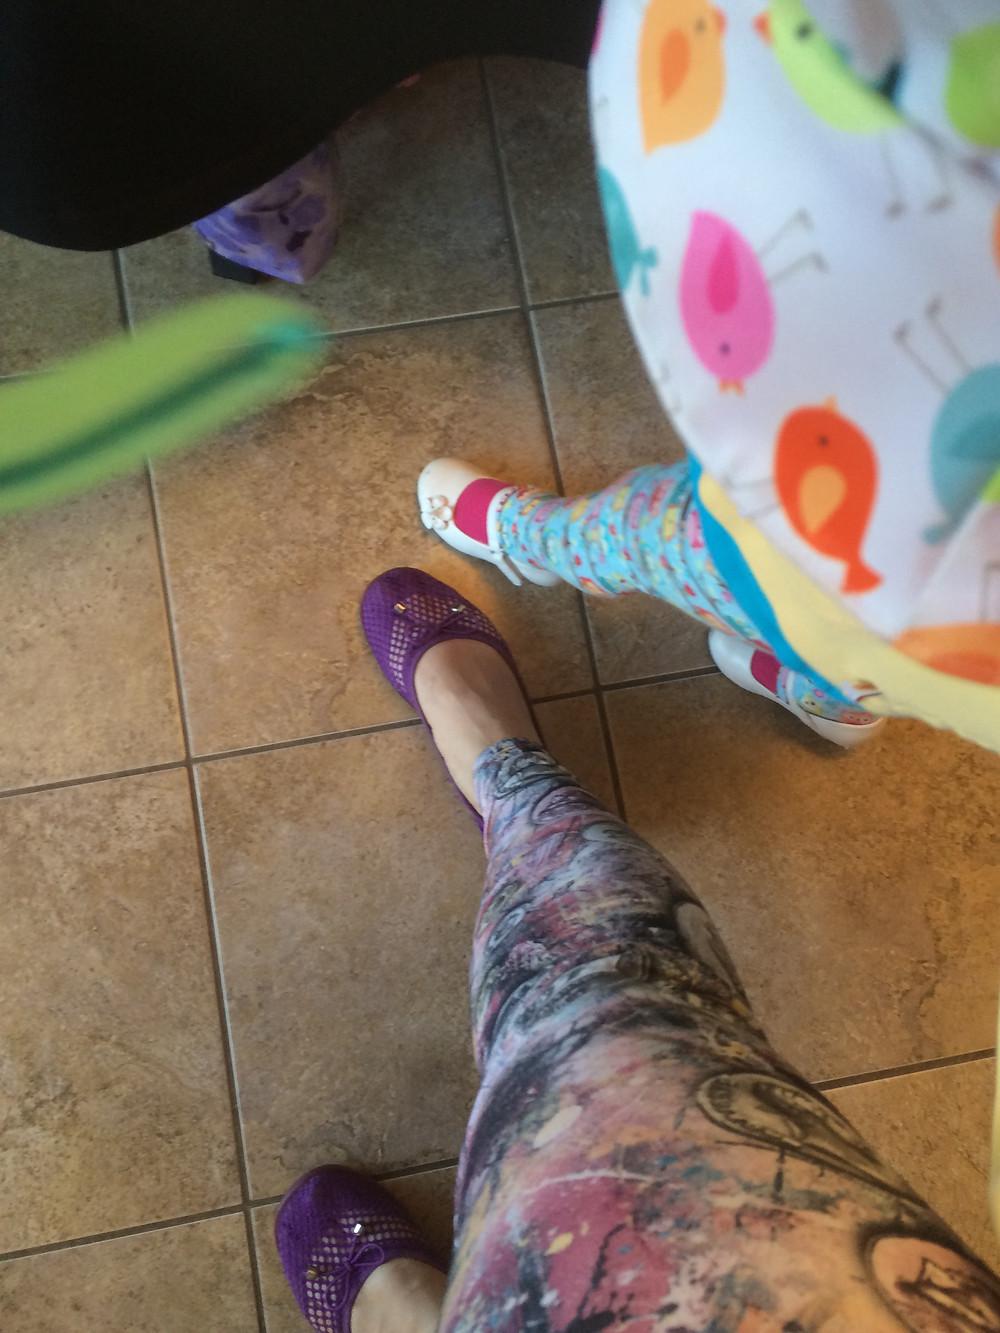 Matching leggings